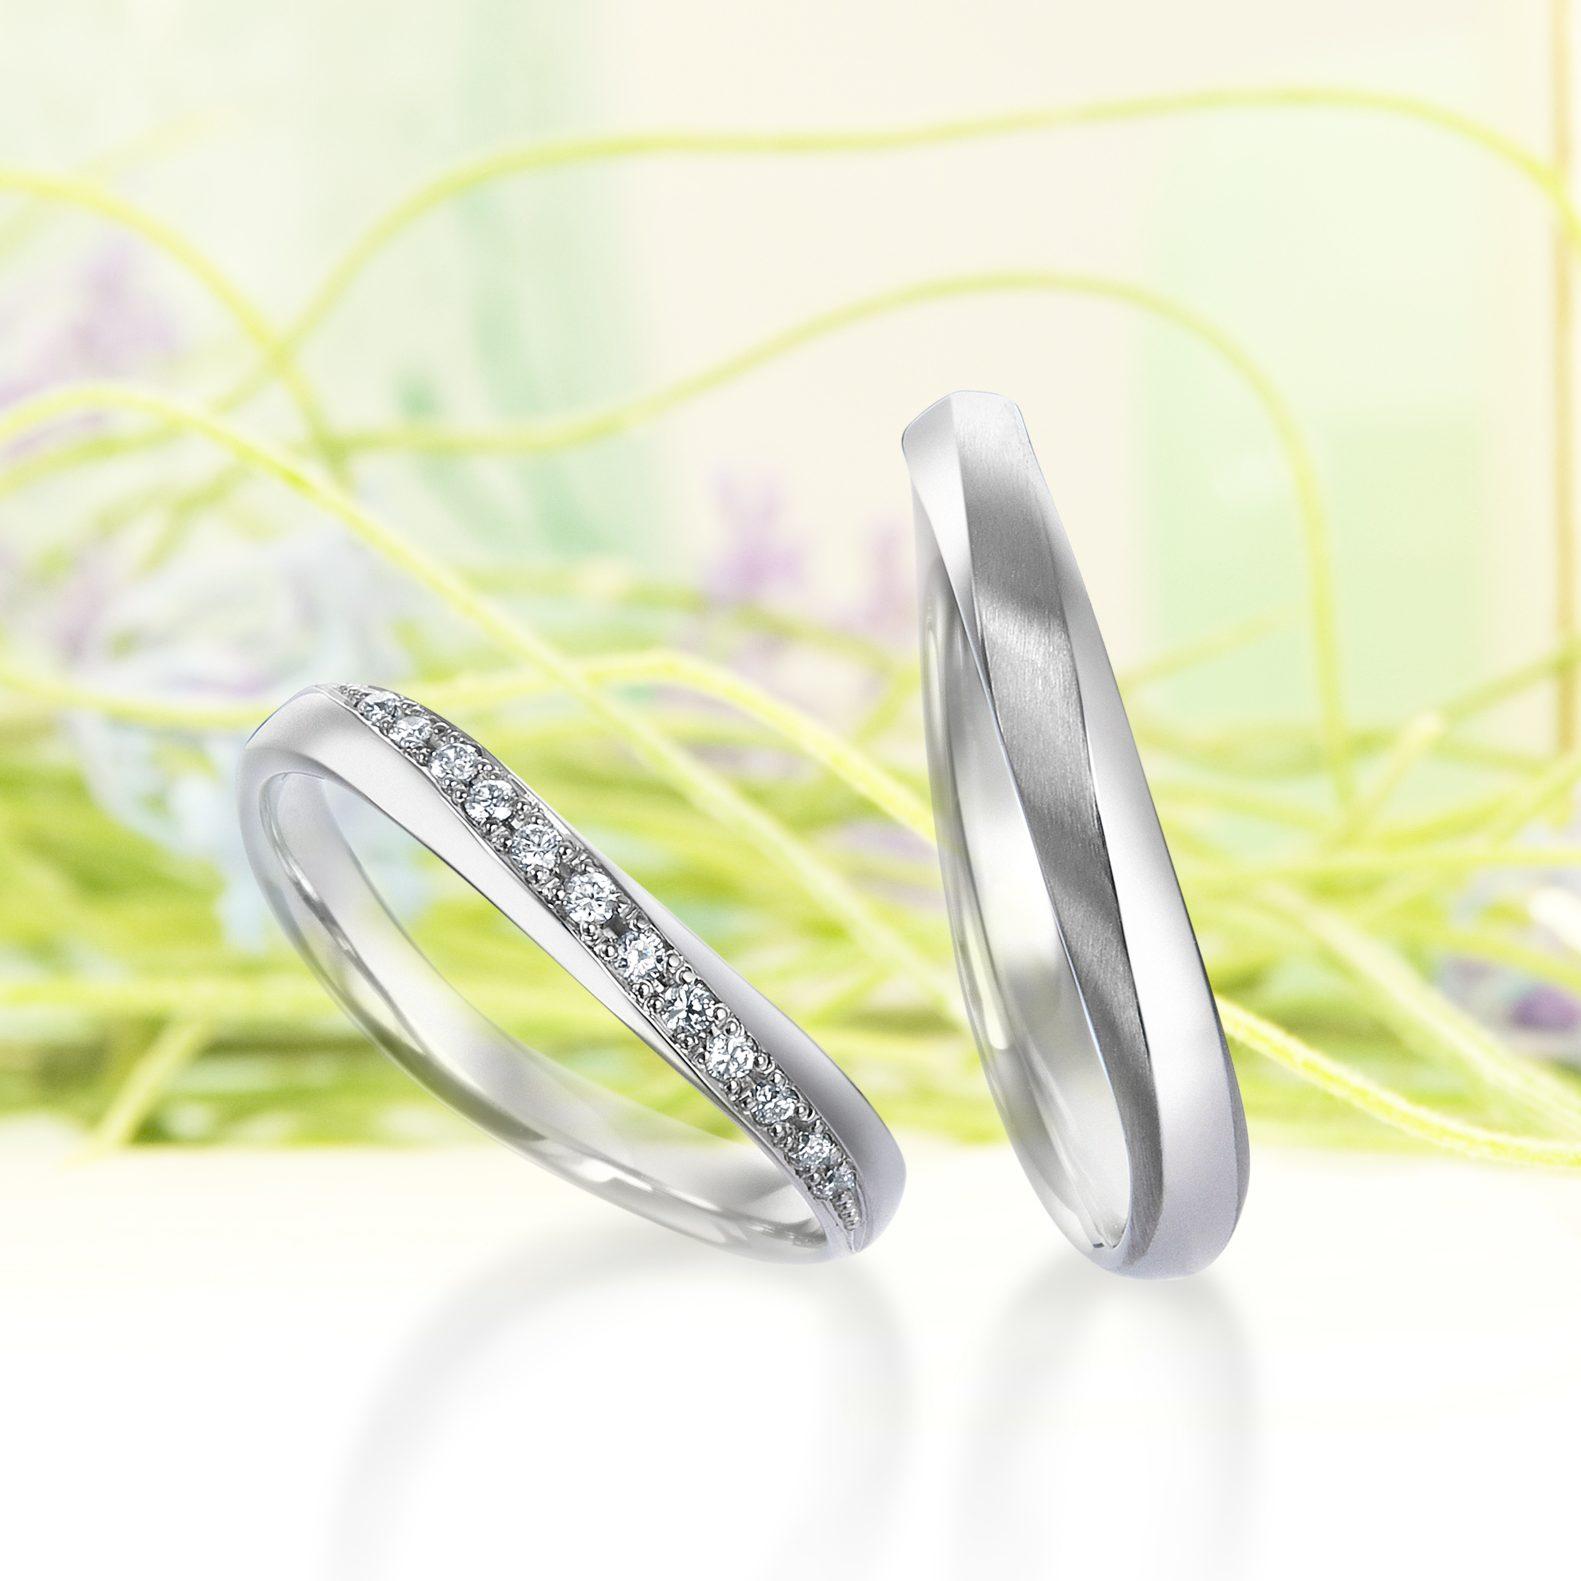 シンプル 結婚指輪のハミルトン島の風